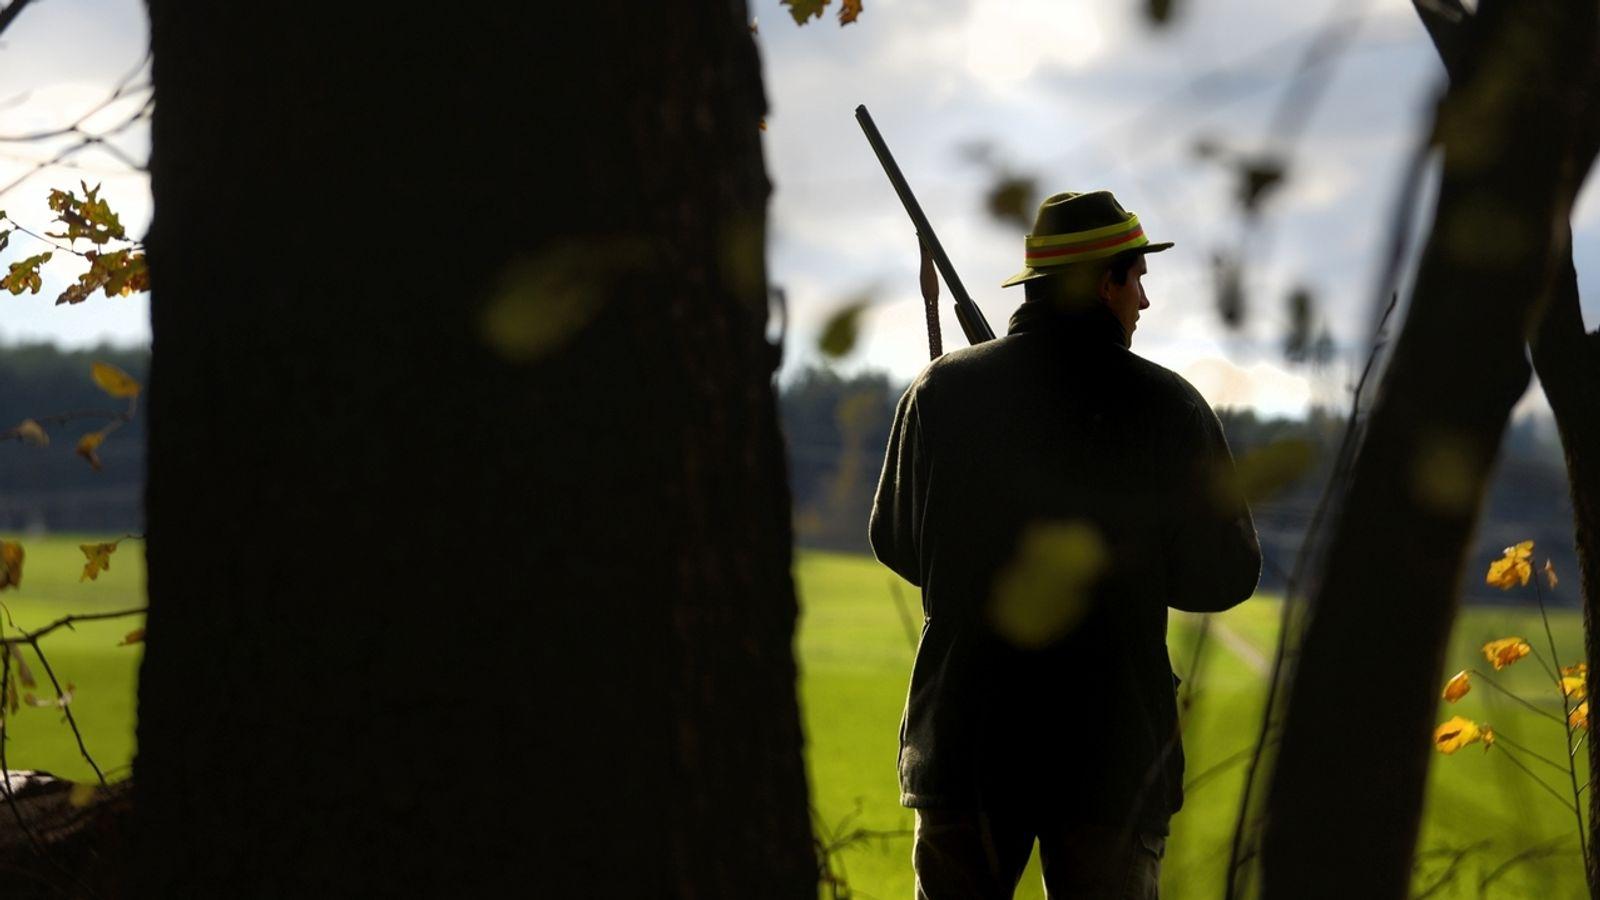 Bayerischer Jagdverband kritisiert Naturschutz-Praxis